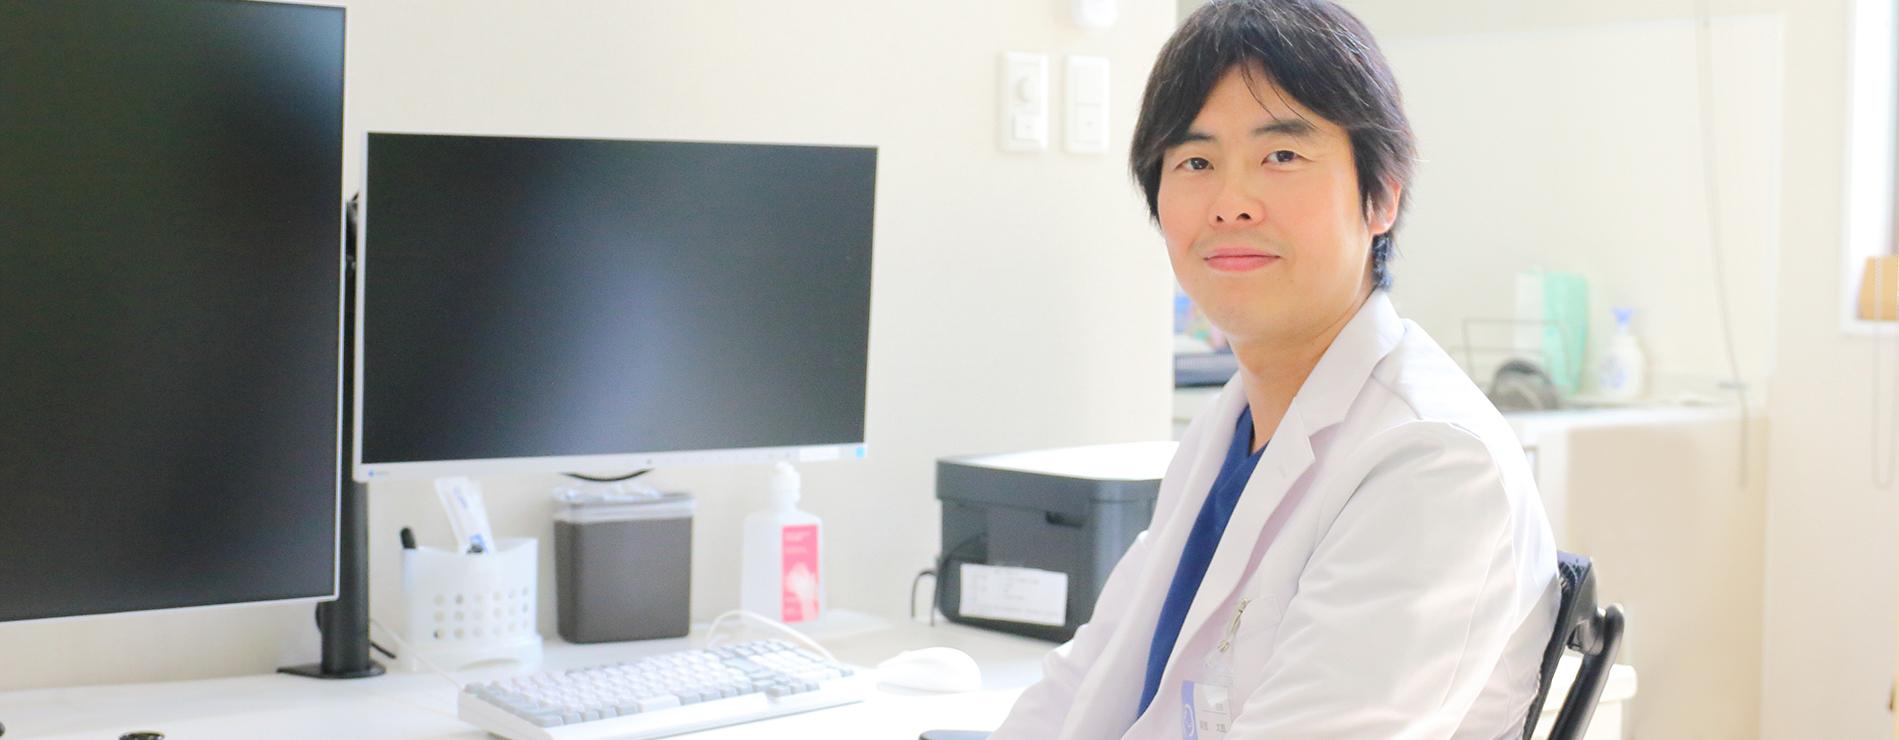 あべ胃腸内視鏡・内科 内視鏡のプロが丁寧に診察いたします。